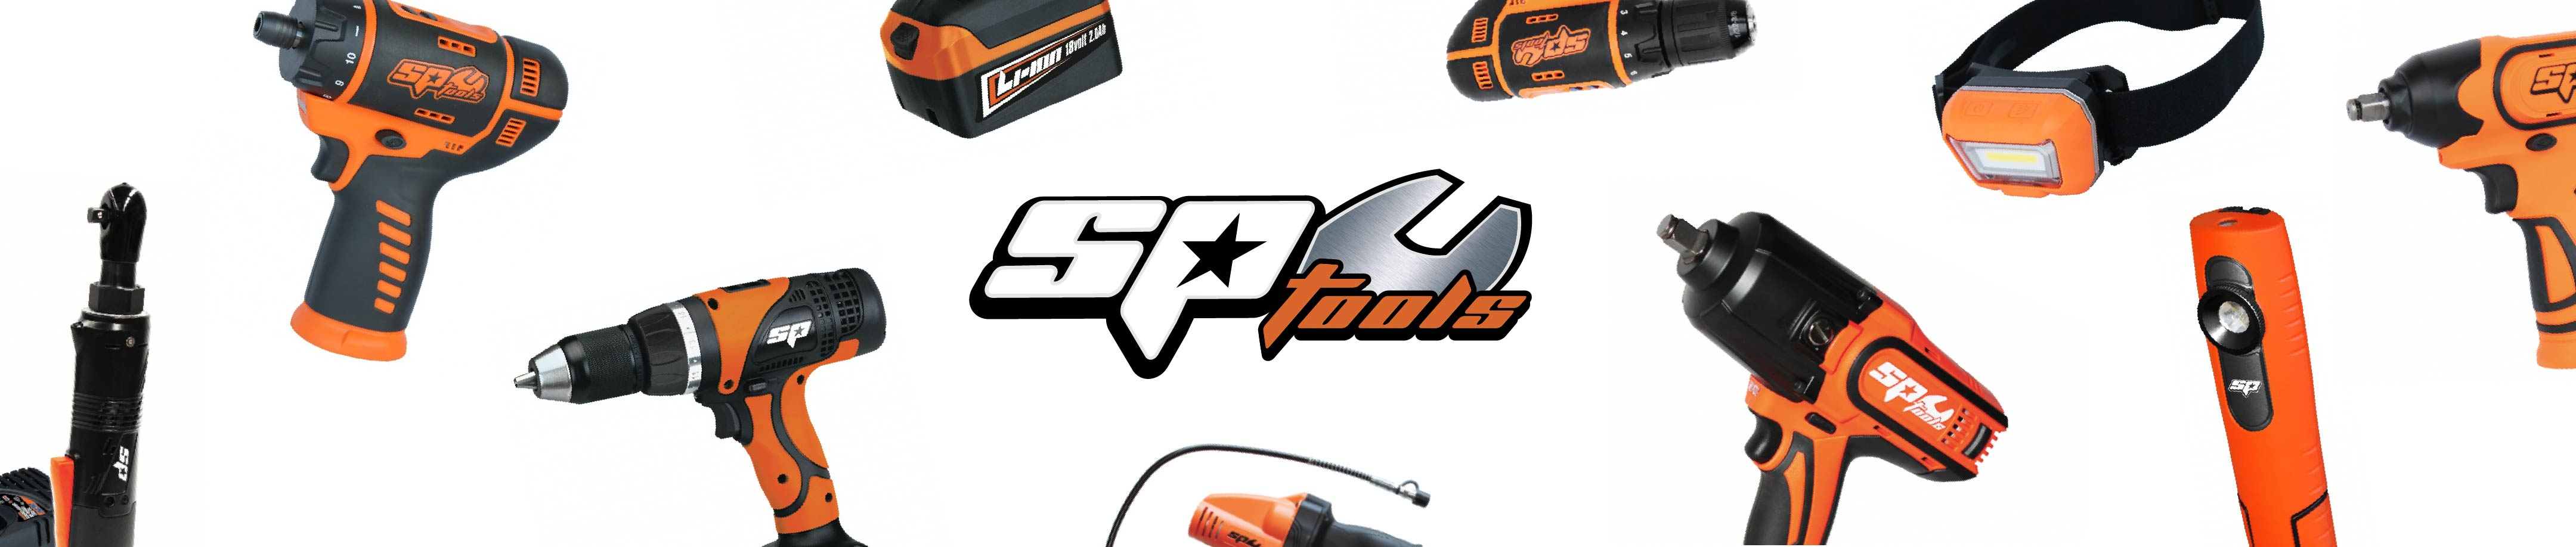 SP Tools - Cordless tools